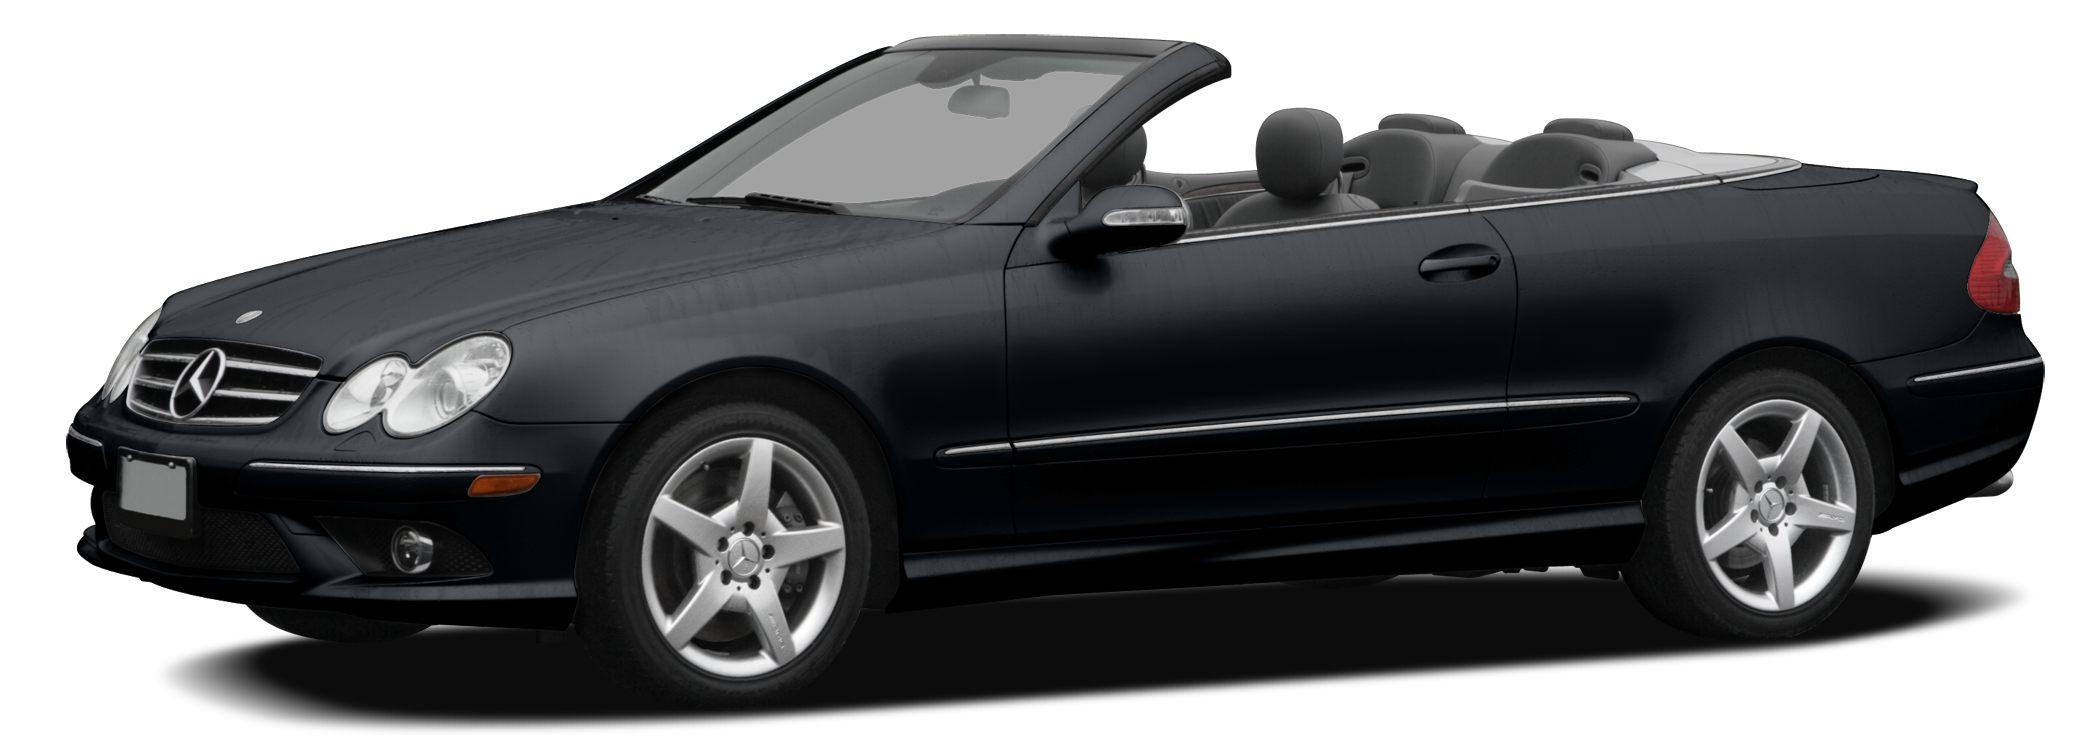 2006 MERCEDES CLK-Class CLK500 CLK500 2D Convertible 50L V8 SMPI SOHC 7-Speed Automatic Electr